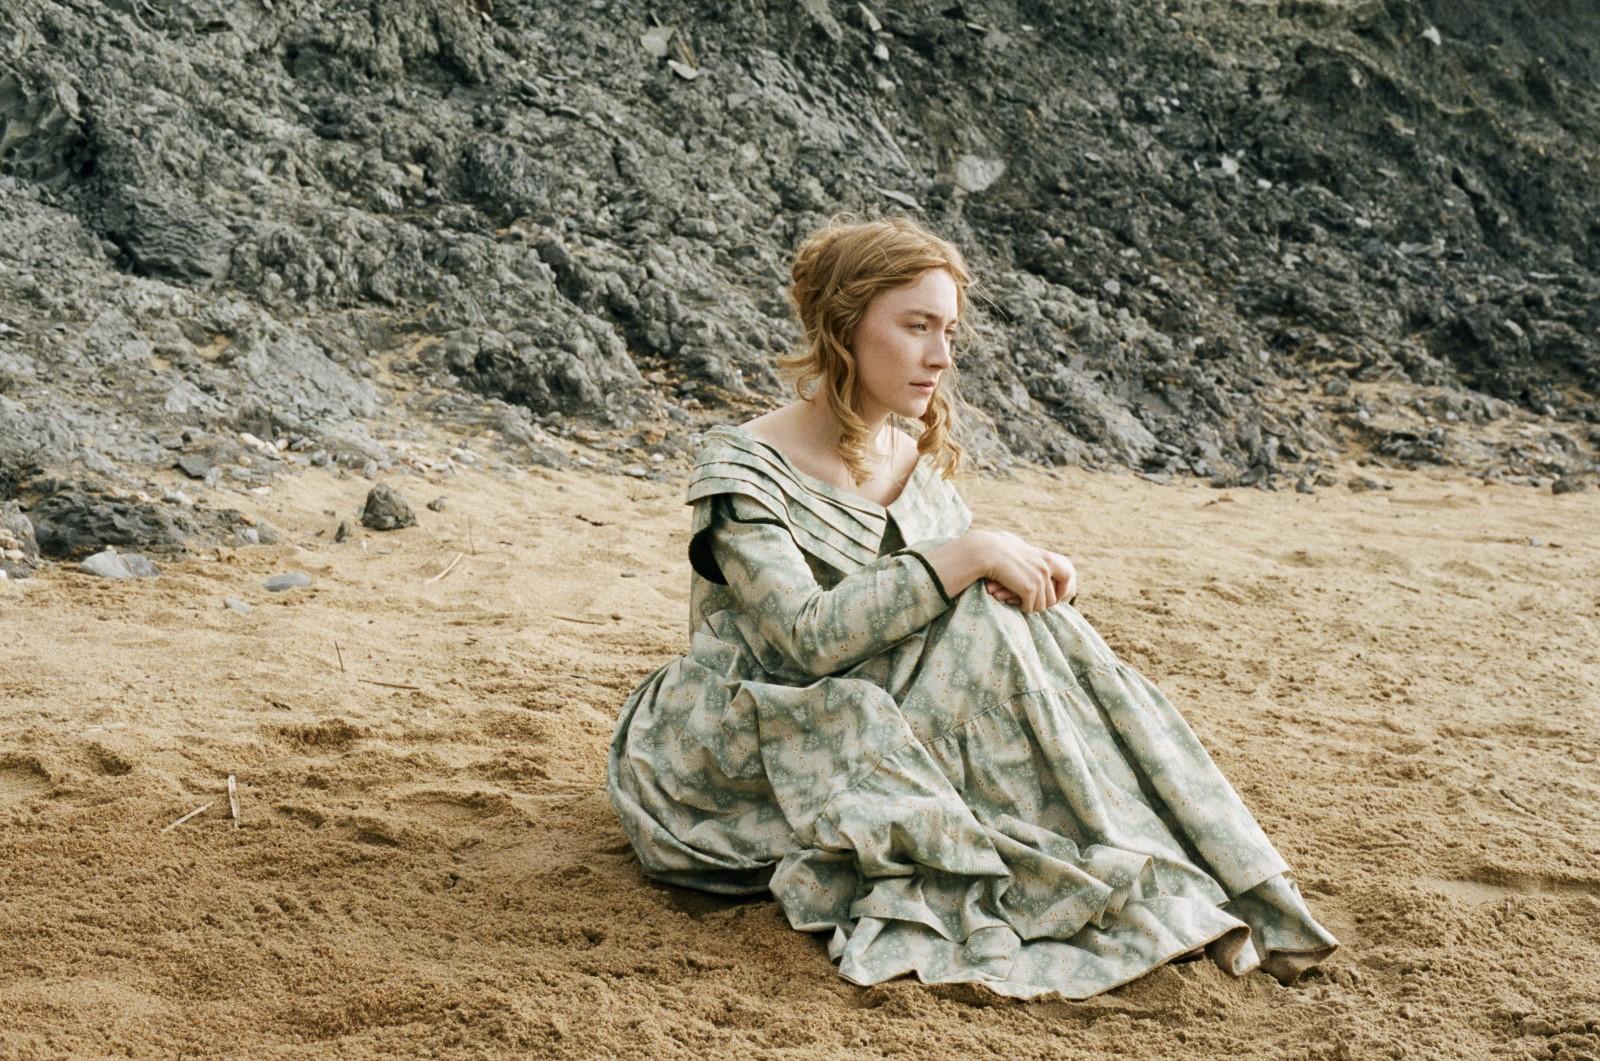 Saoirse está sentada sozinha na areia da praia. Ela tem os cabelos louros presos e usa um vestido com detalhes em verde. Atrás dela vemos uma grande rocha